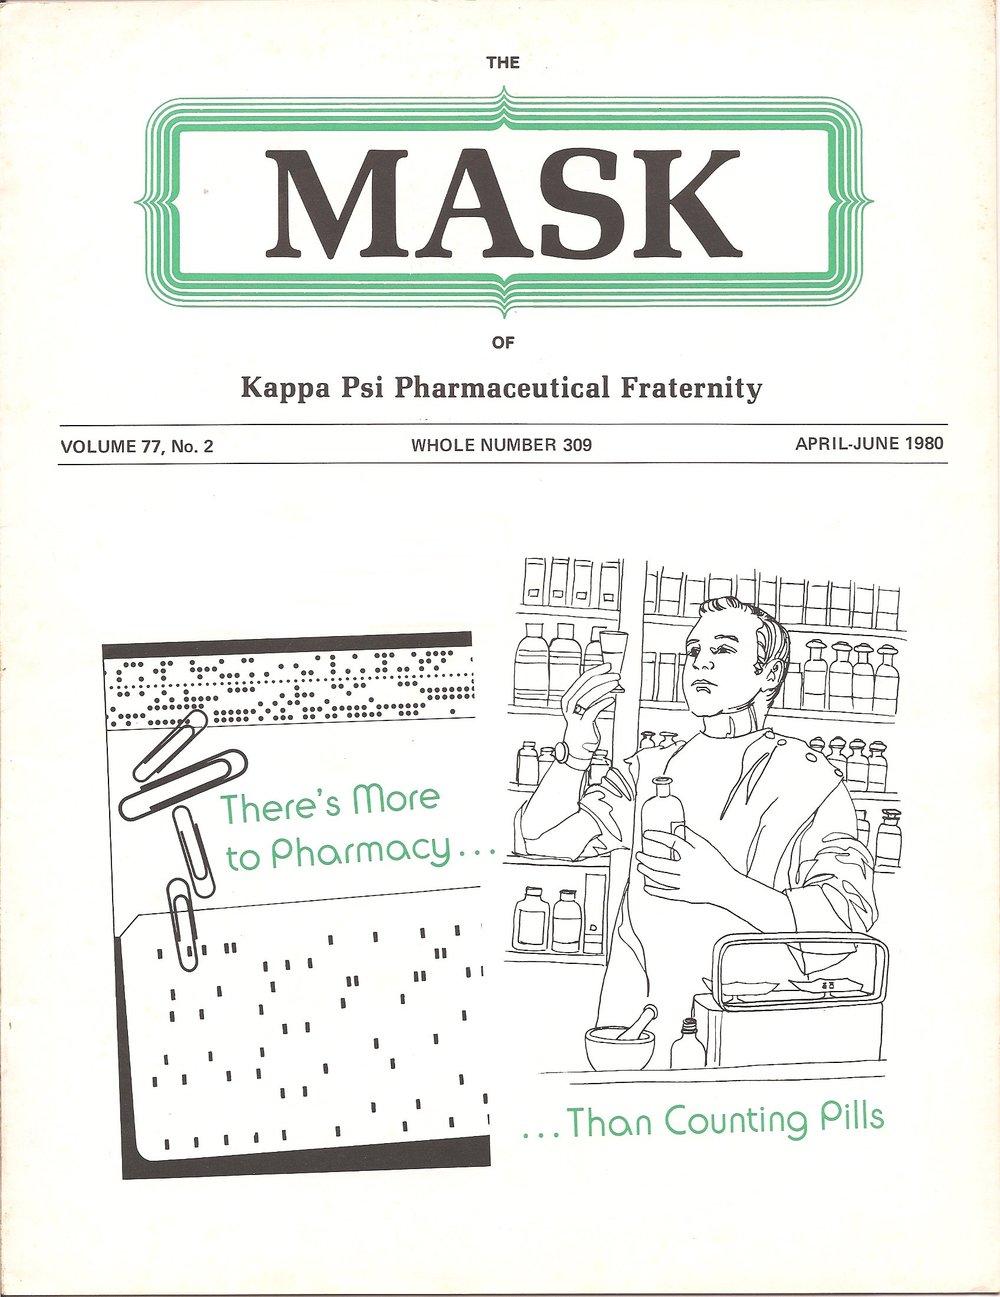 mask_cover_04_1980.jpg